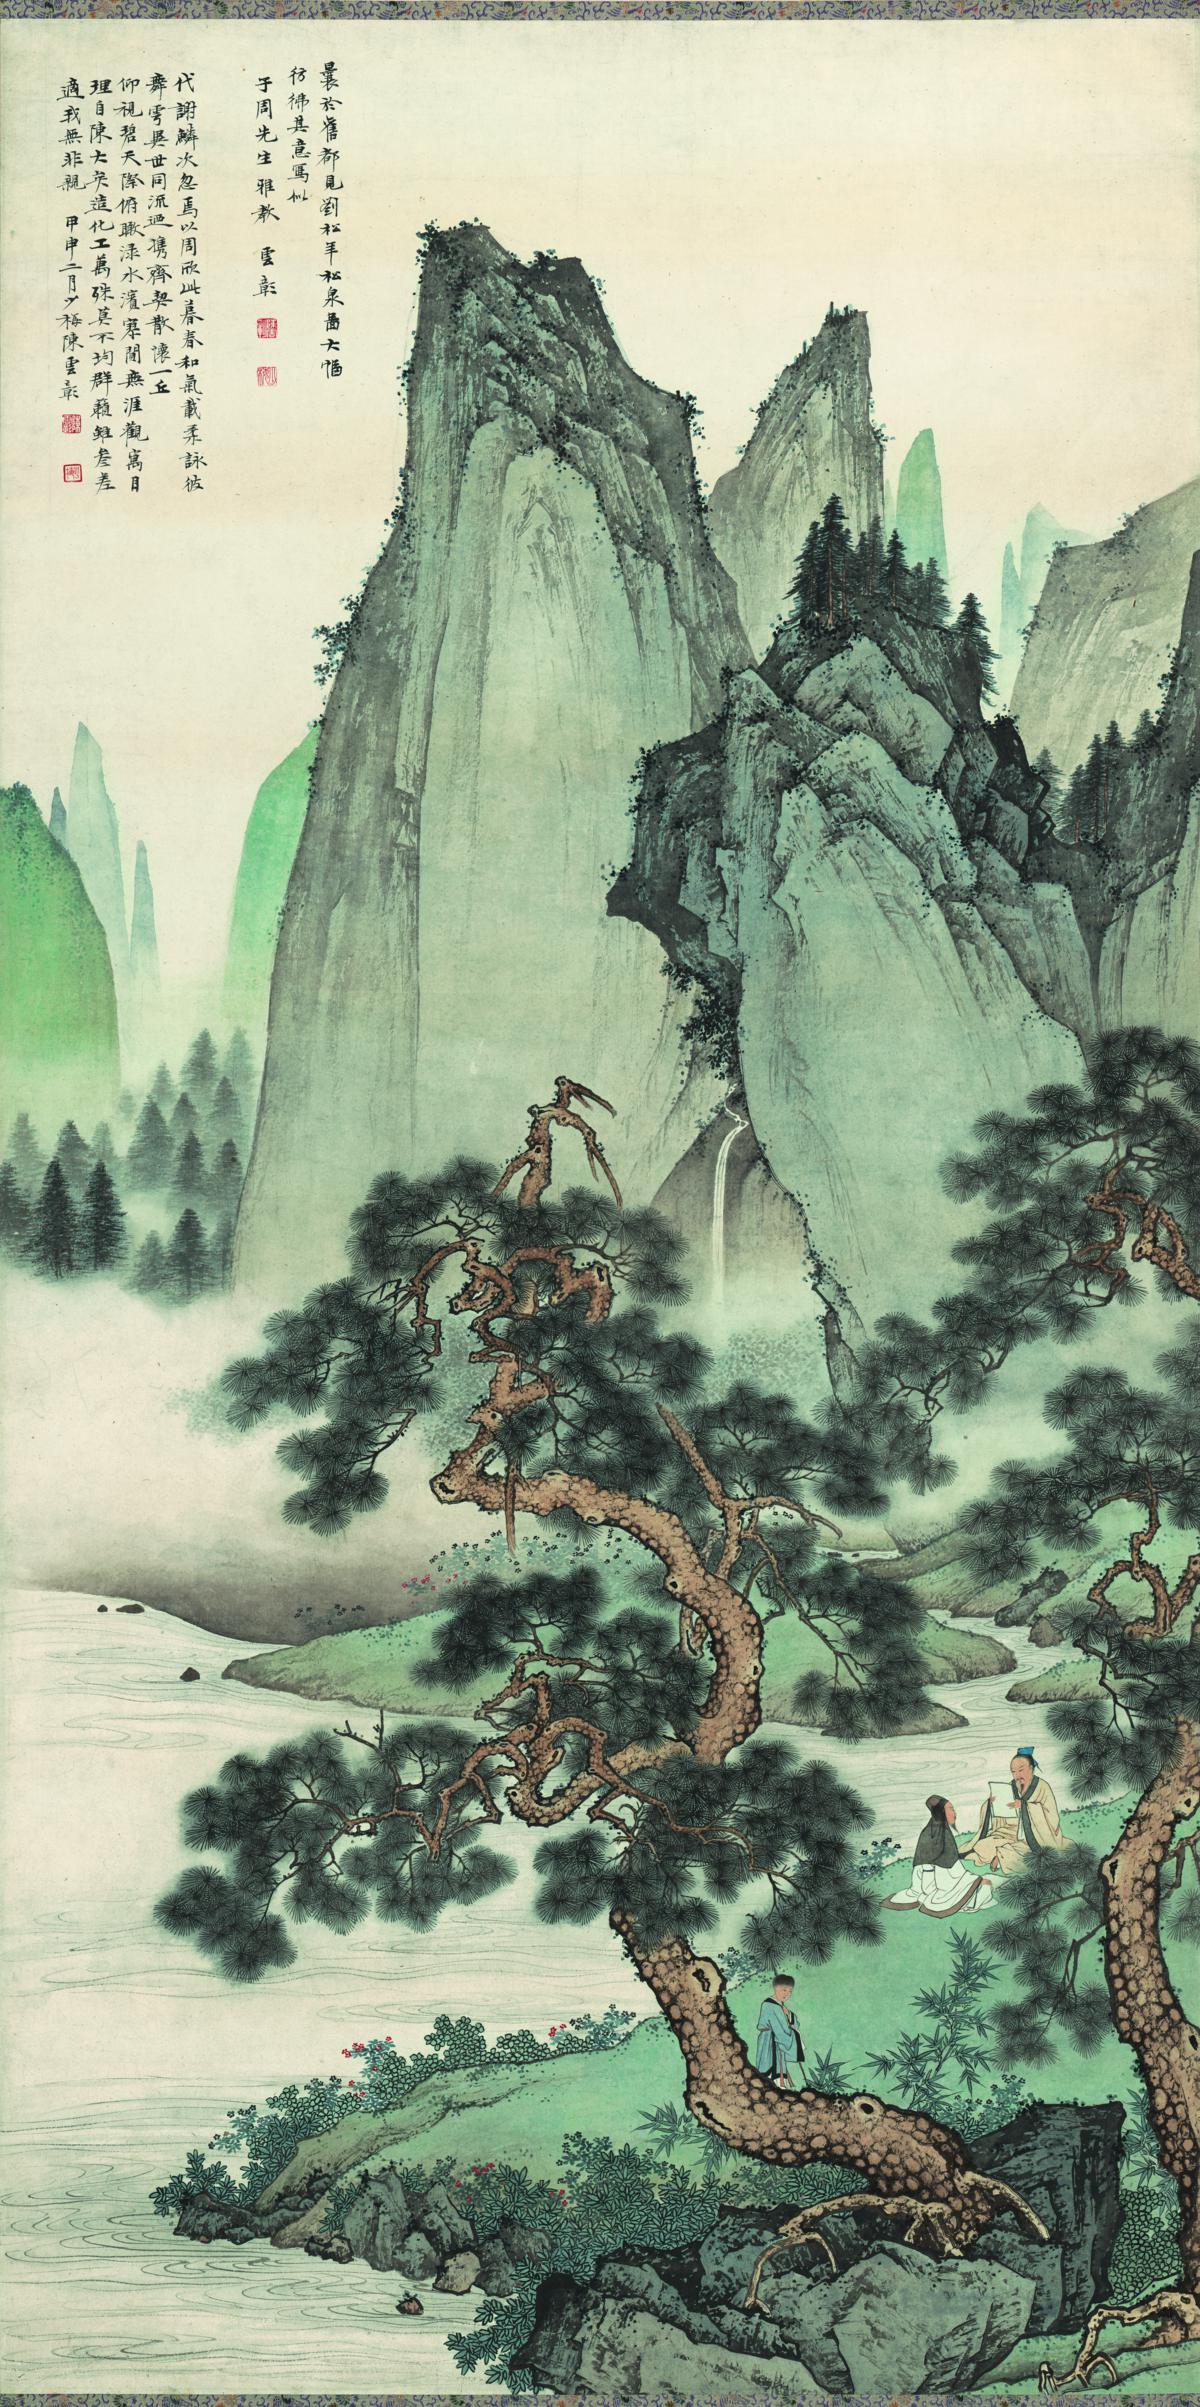 近现代 陈少梅 仿刘松年松泉图轴 纸本66x132.5